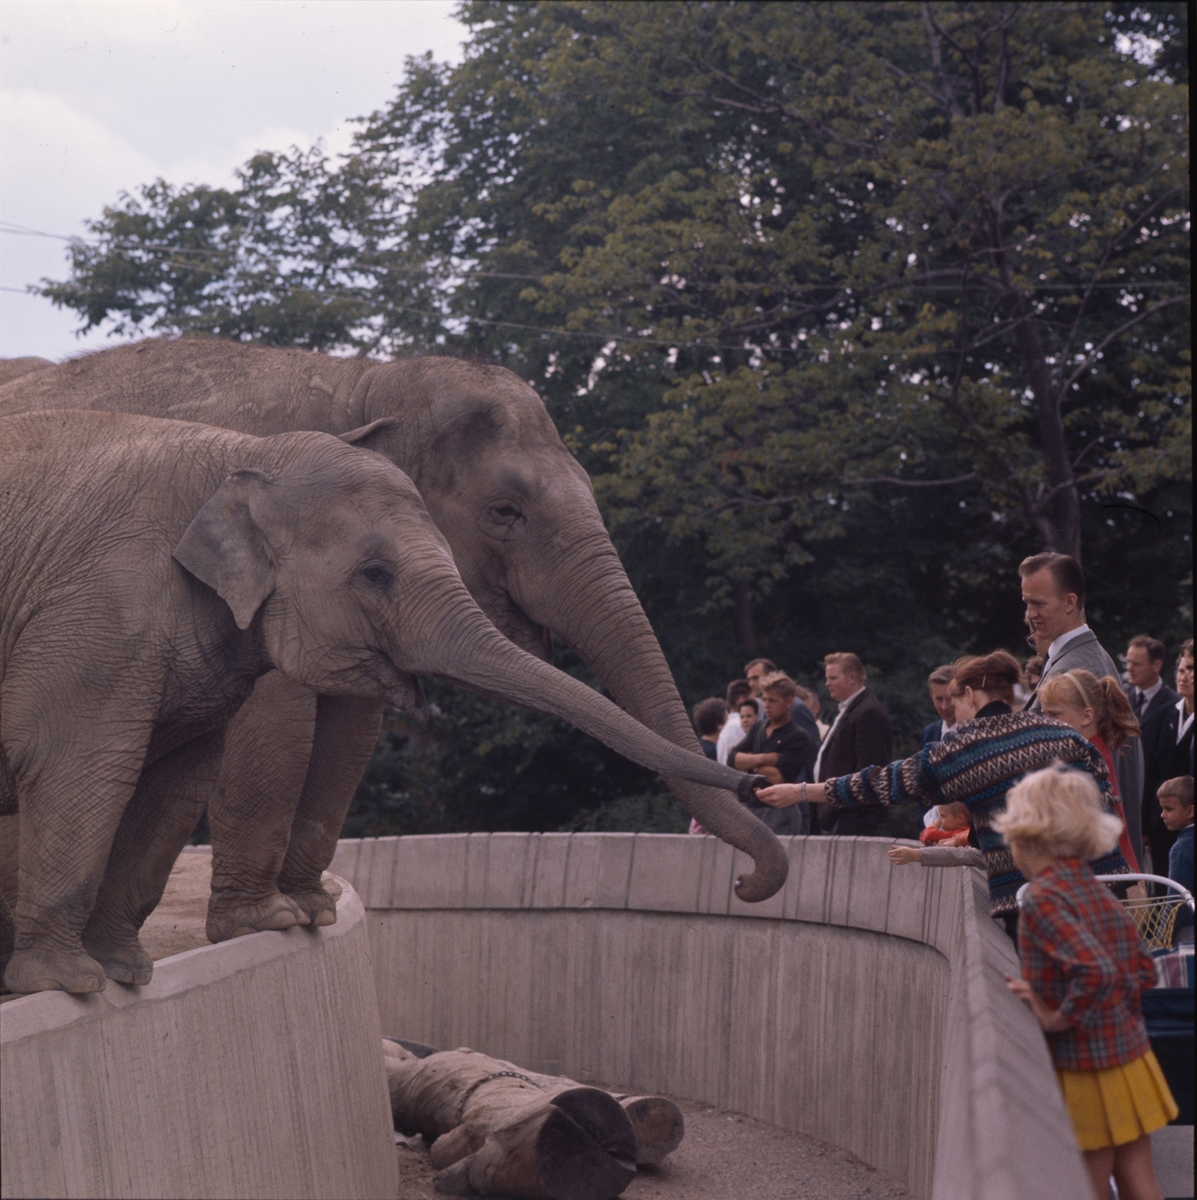 De Asiatiska elefanterna vid elefanthuset på Skansen. Barn och vuxna besökare.